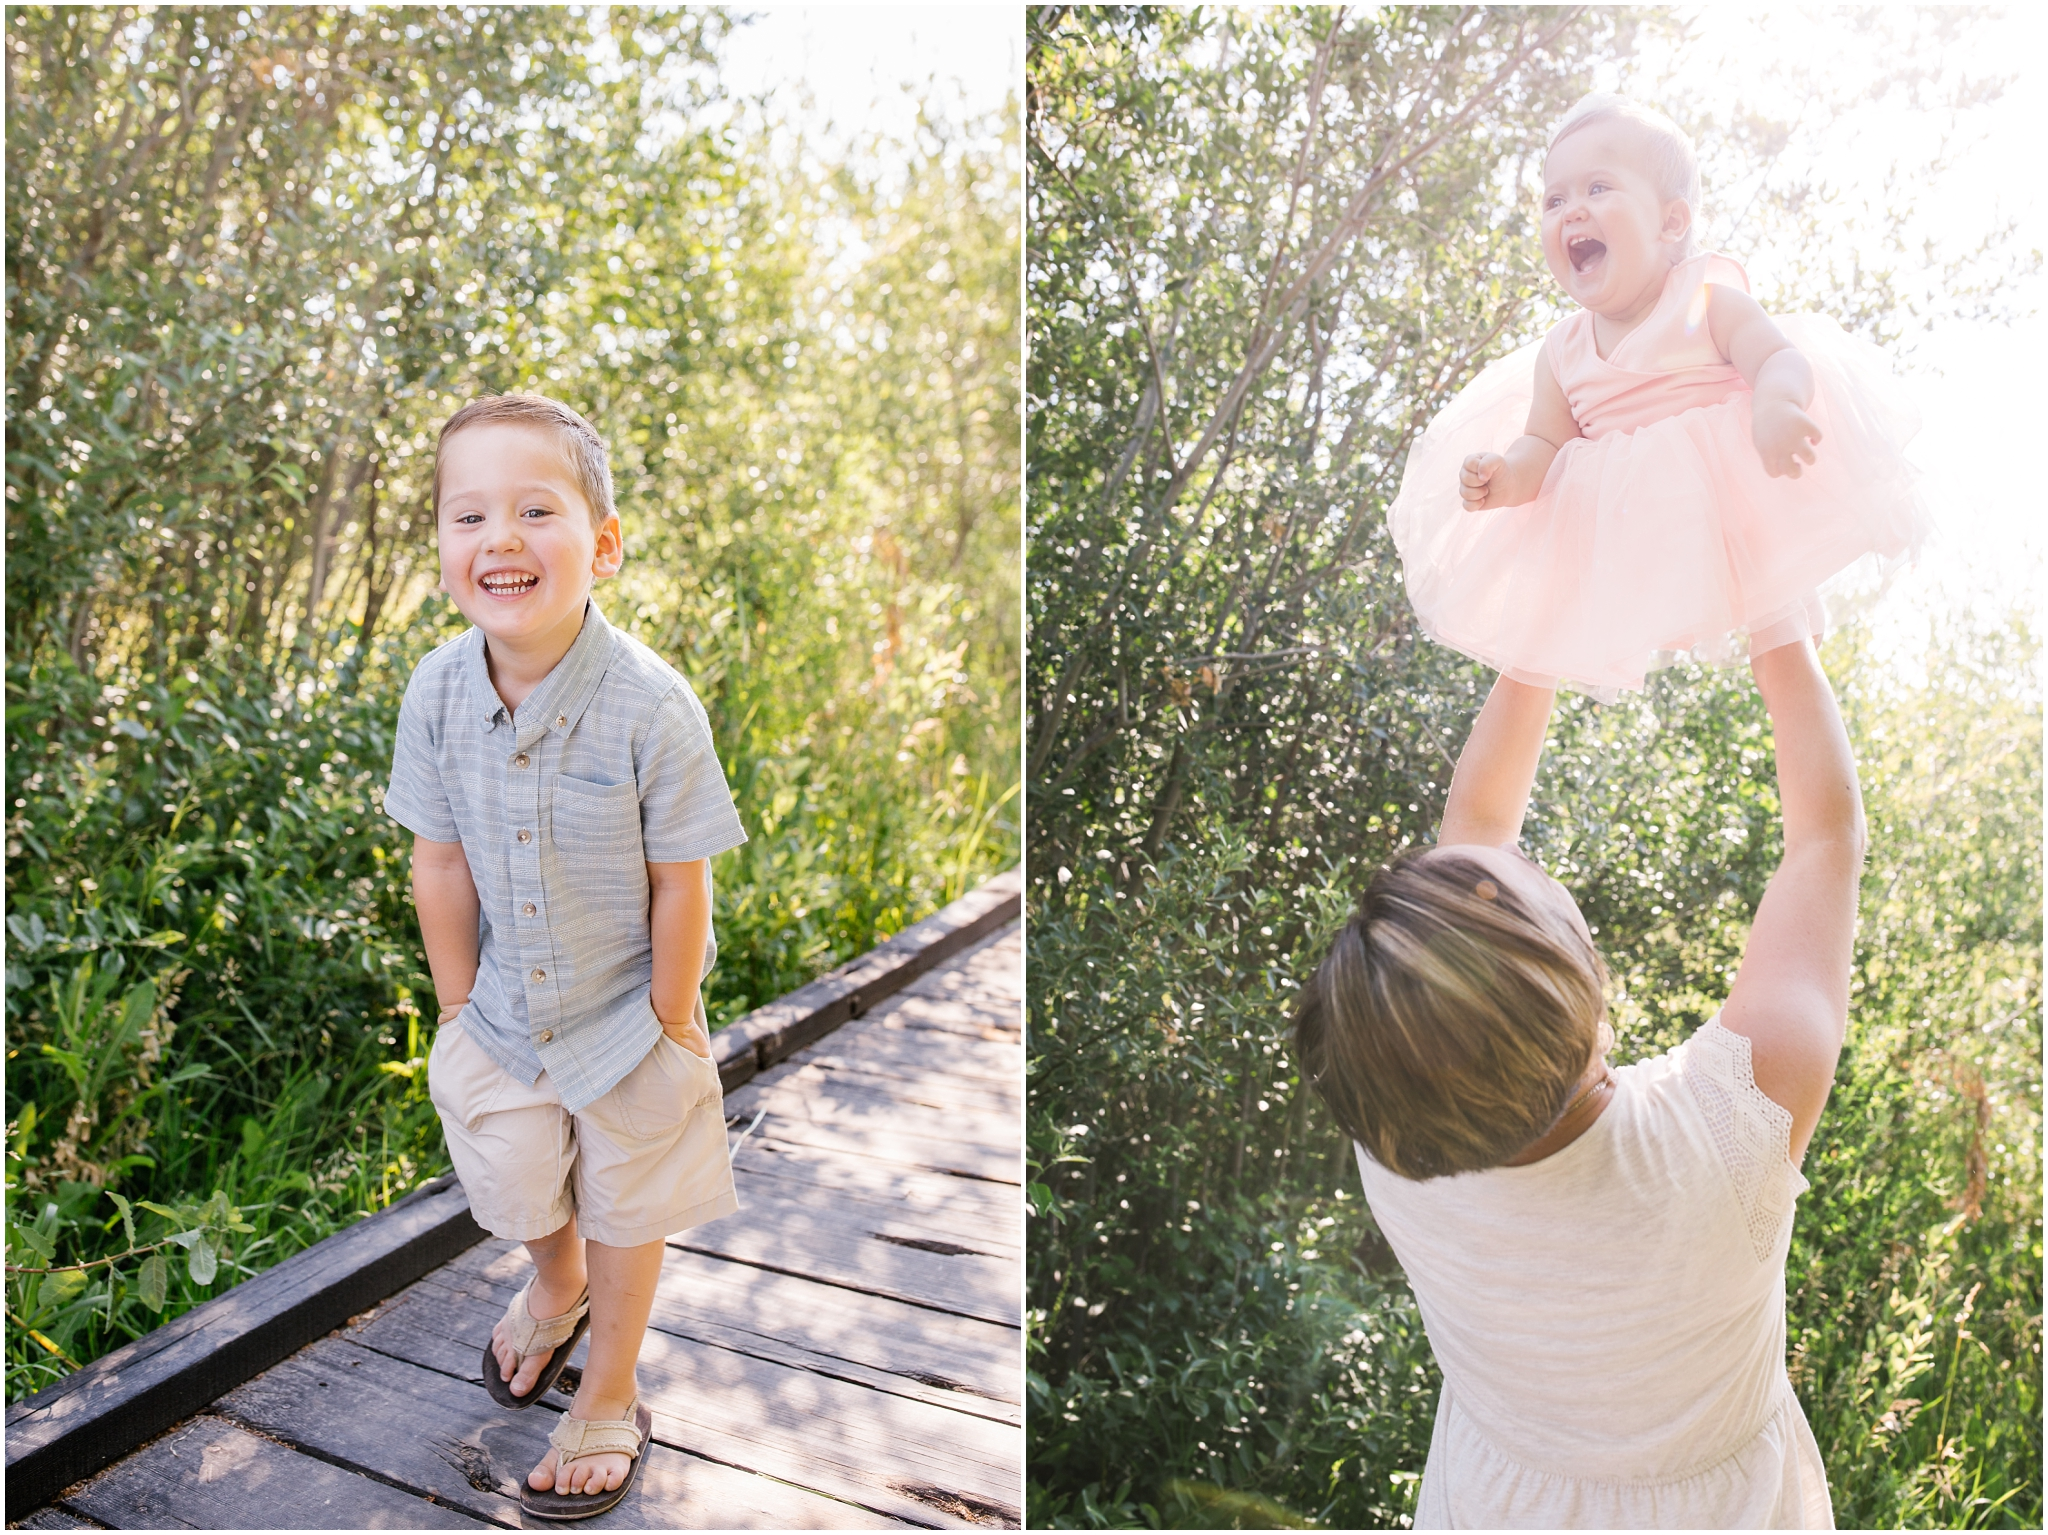 Harris-204_Lizzie-B-Imagery-Utah-Family-Photographer-Park-City-Salt-Lake-City-Bear-Lake-Idaho.jpg